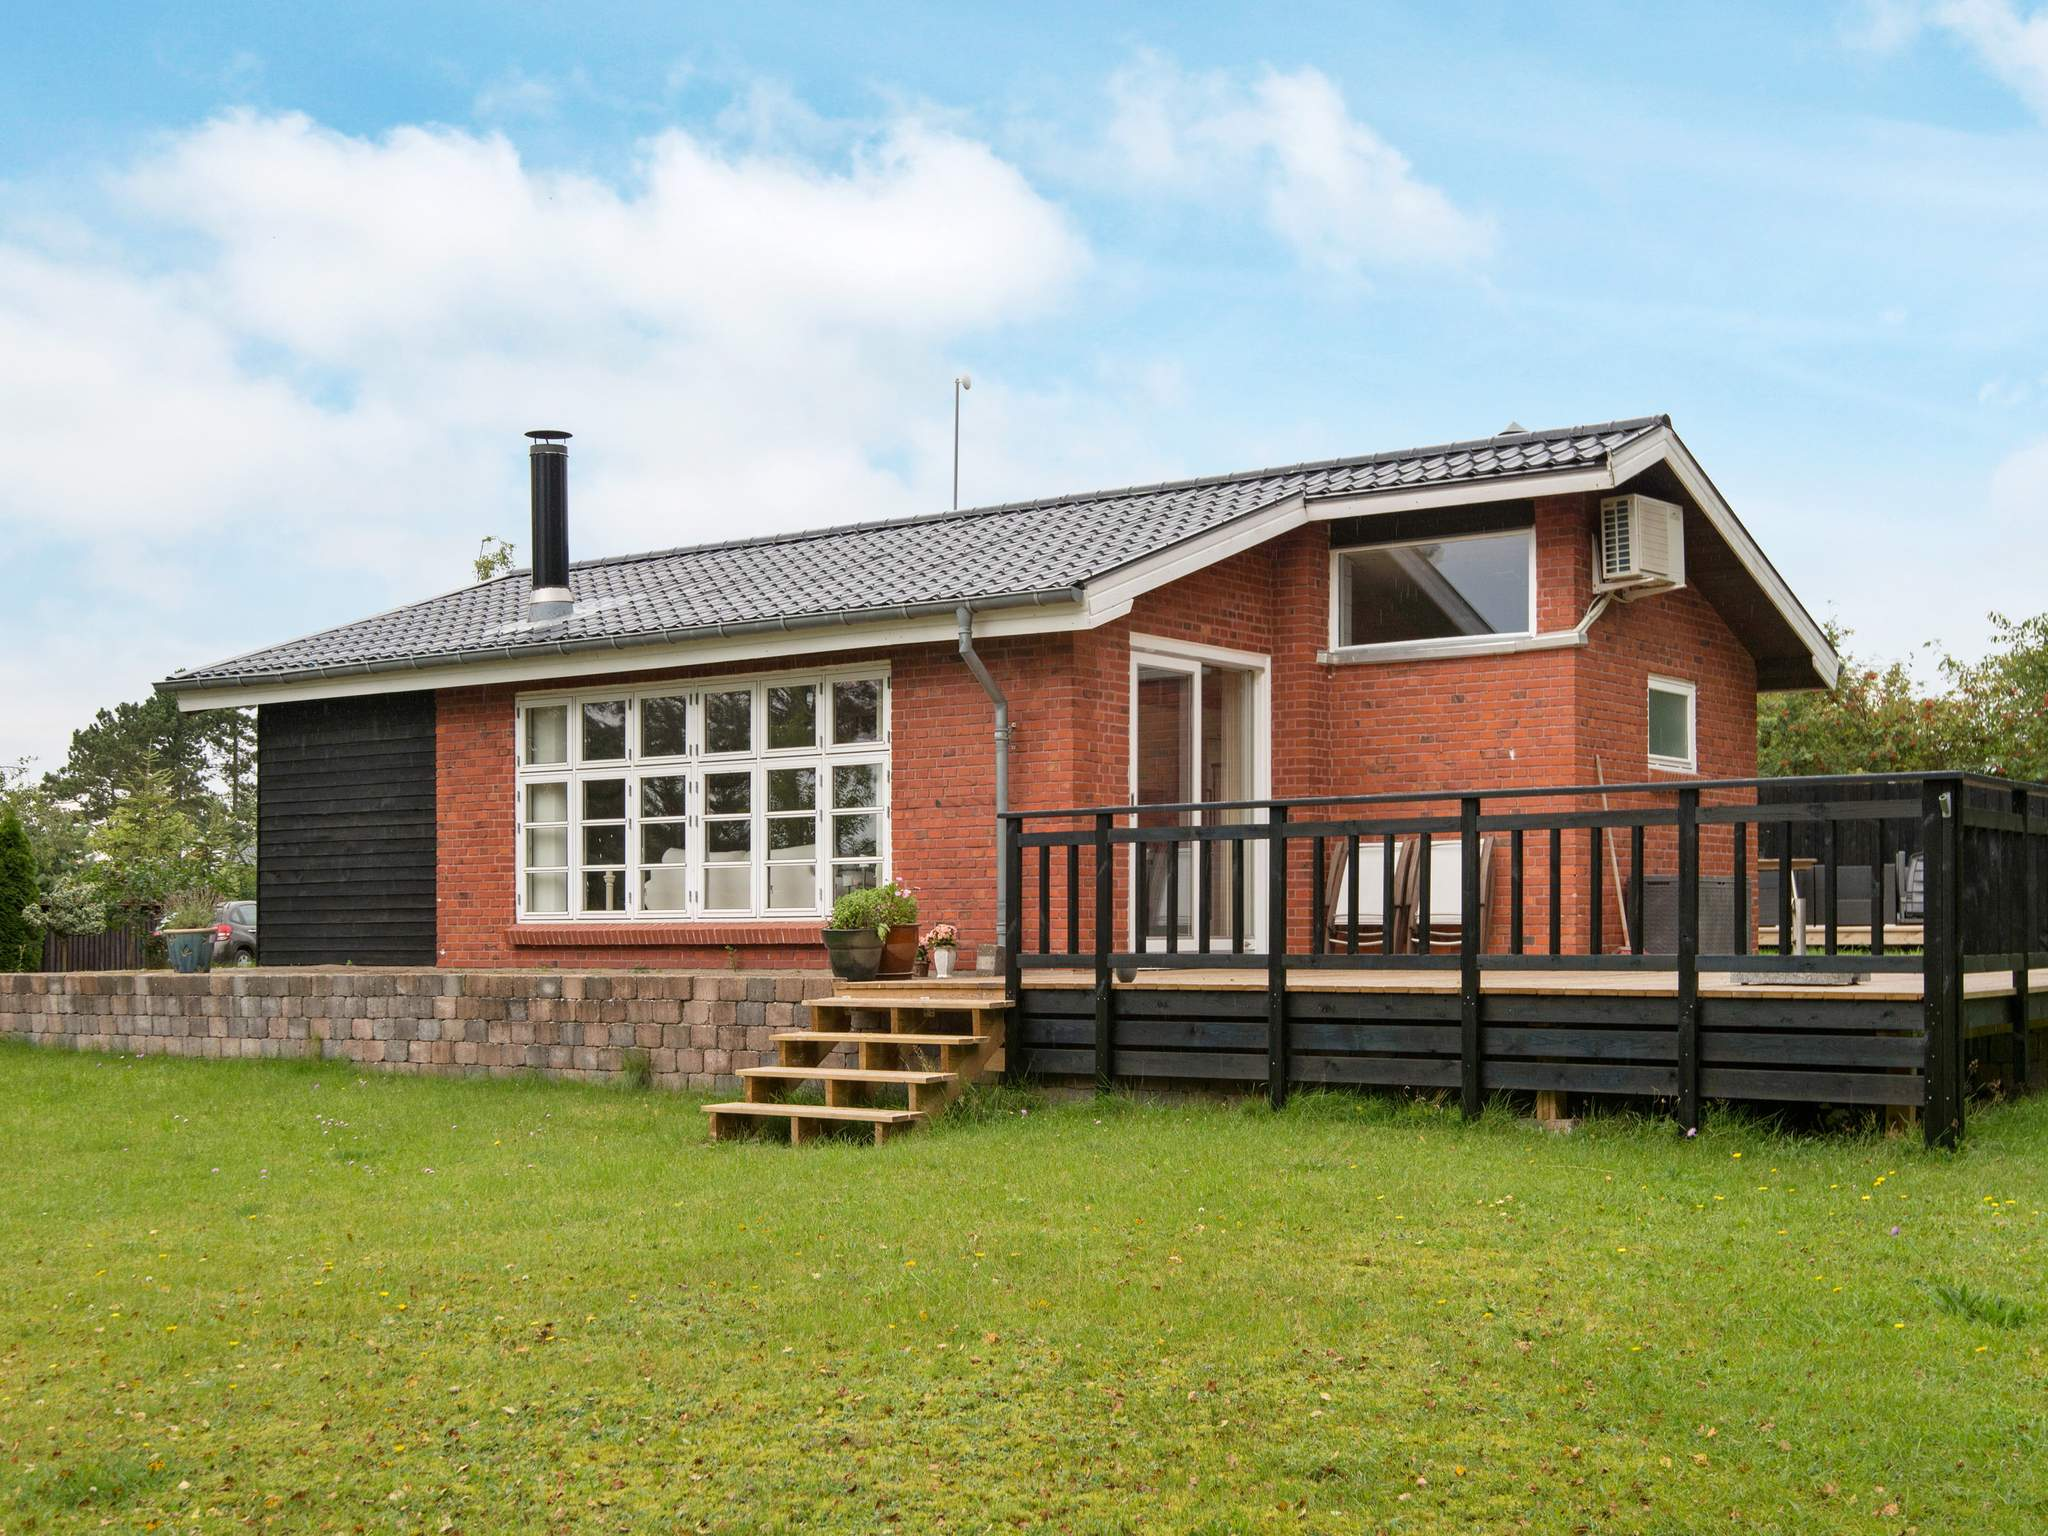 Ferienhaus Ebeltoft (487397), Ebeltoft, , Ostjütland, Dänemark, Bild 1